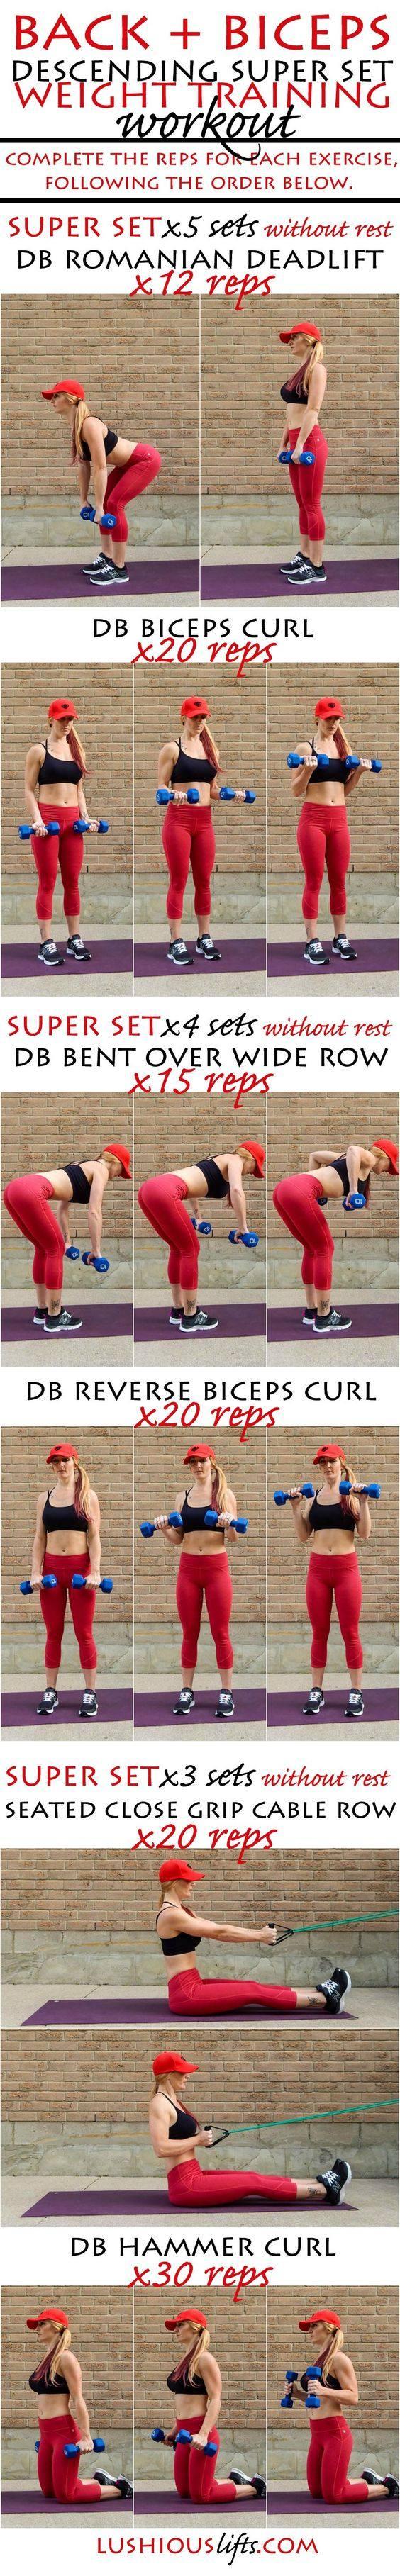 Back and Biceps Descending Super Set Workout